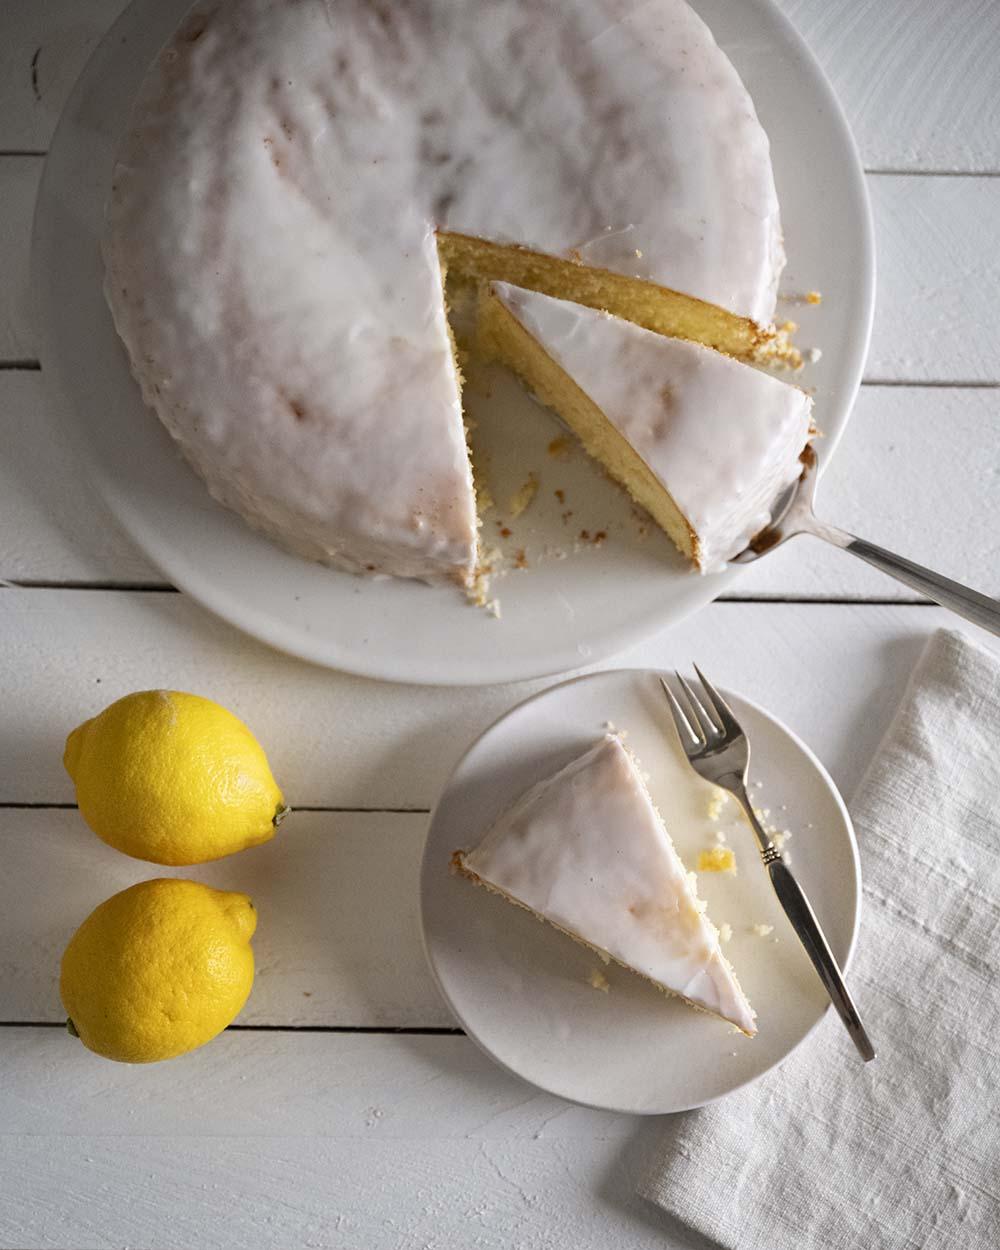 Wir haben unseren saftigen Zitronenkuchen angeschnitten und ein Stück auf einen Teller gehoben.